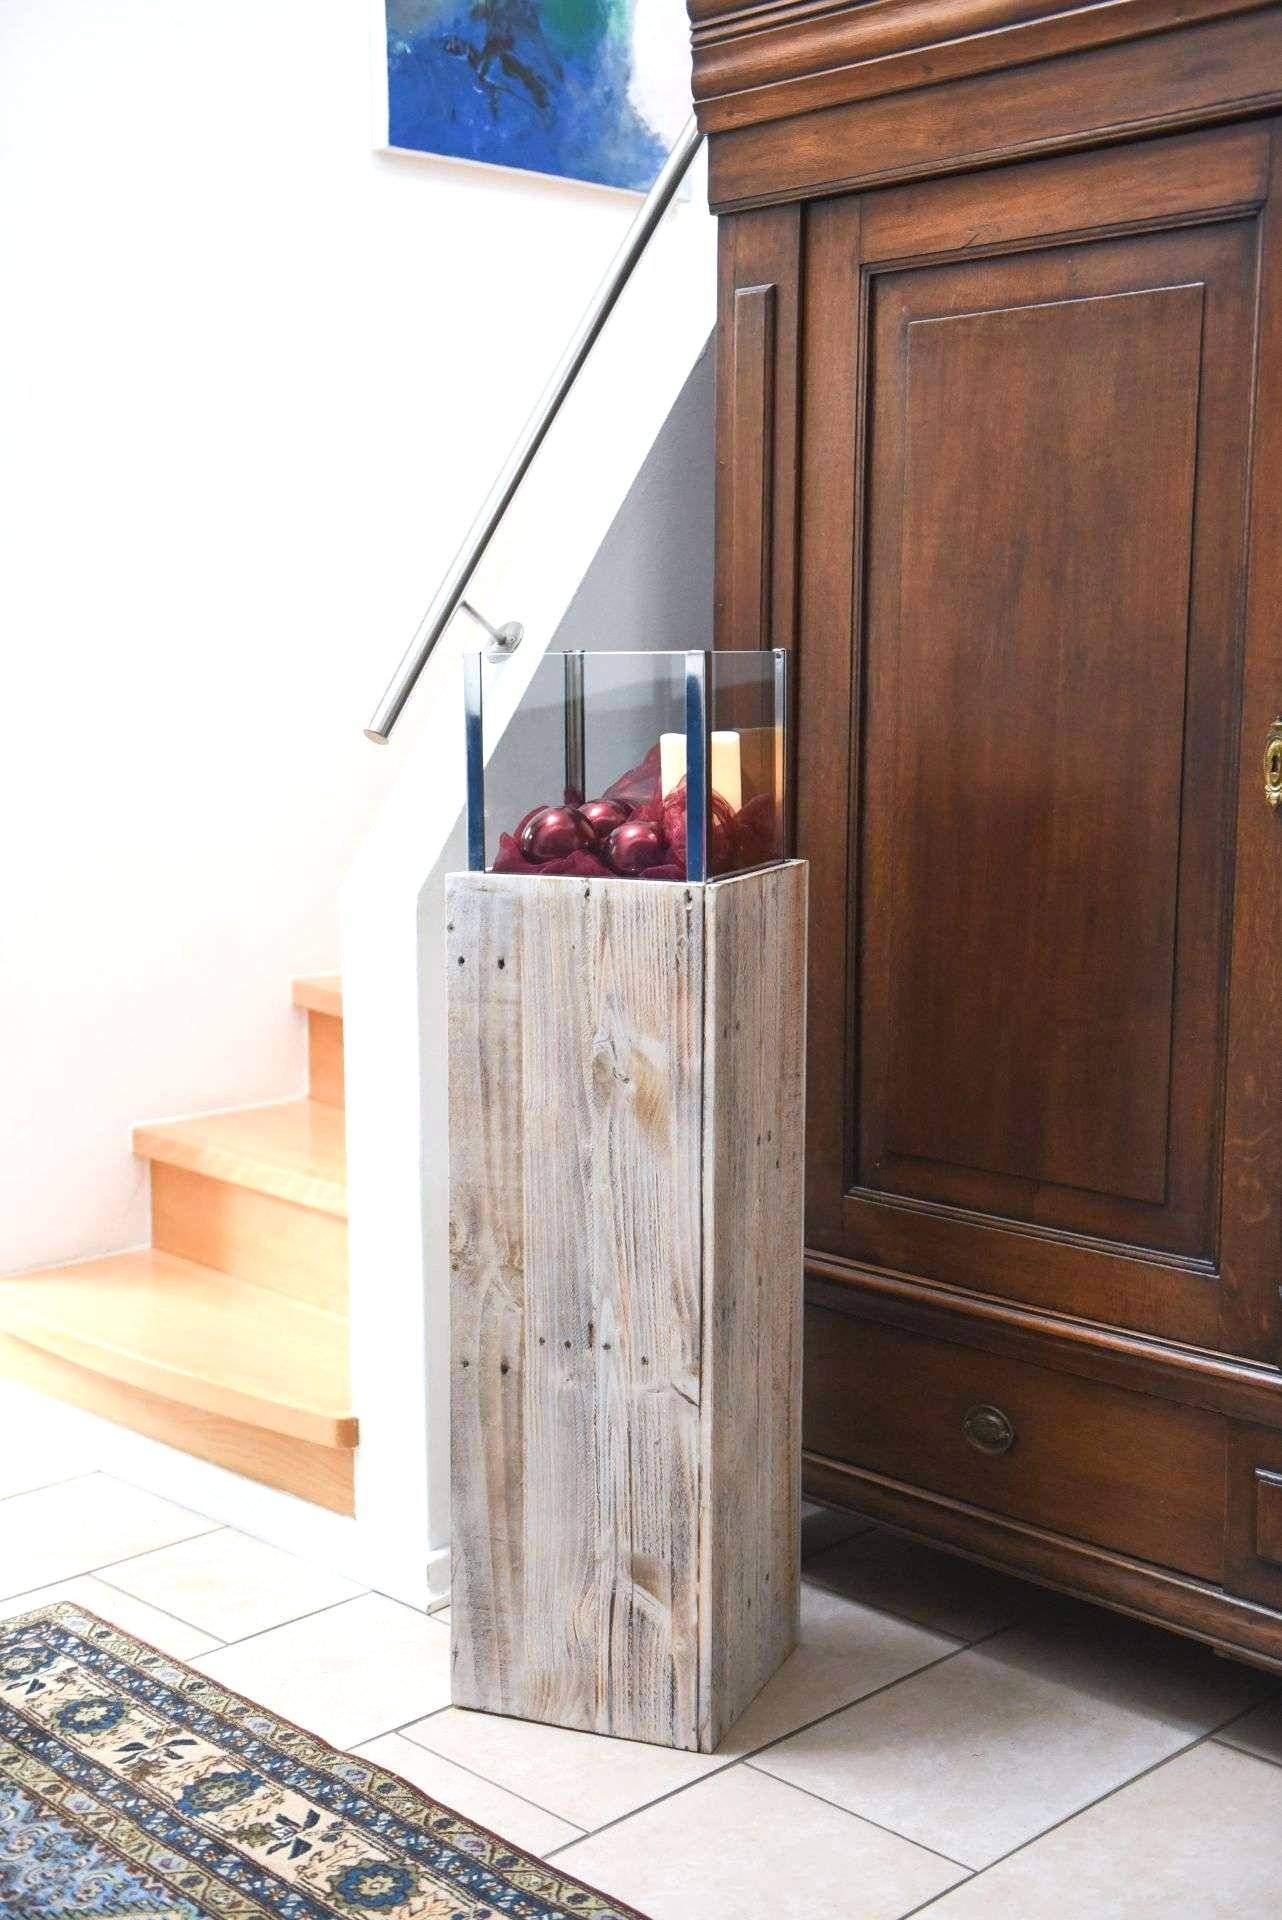 Altes Holz Deko Elegant 27 Elegant Dekorationsideen Wohnzimmer Luxus